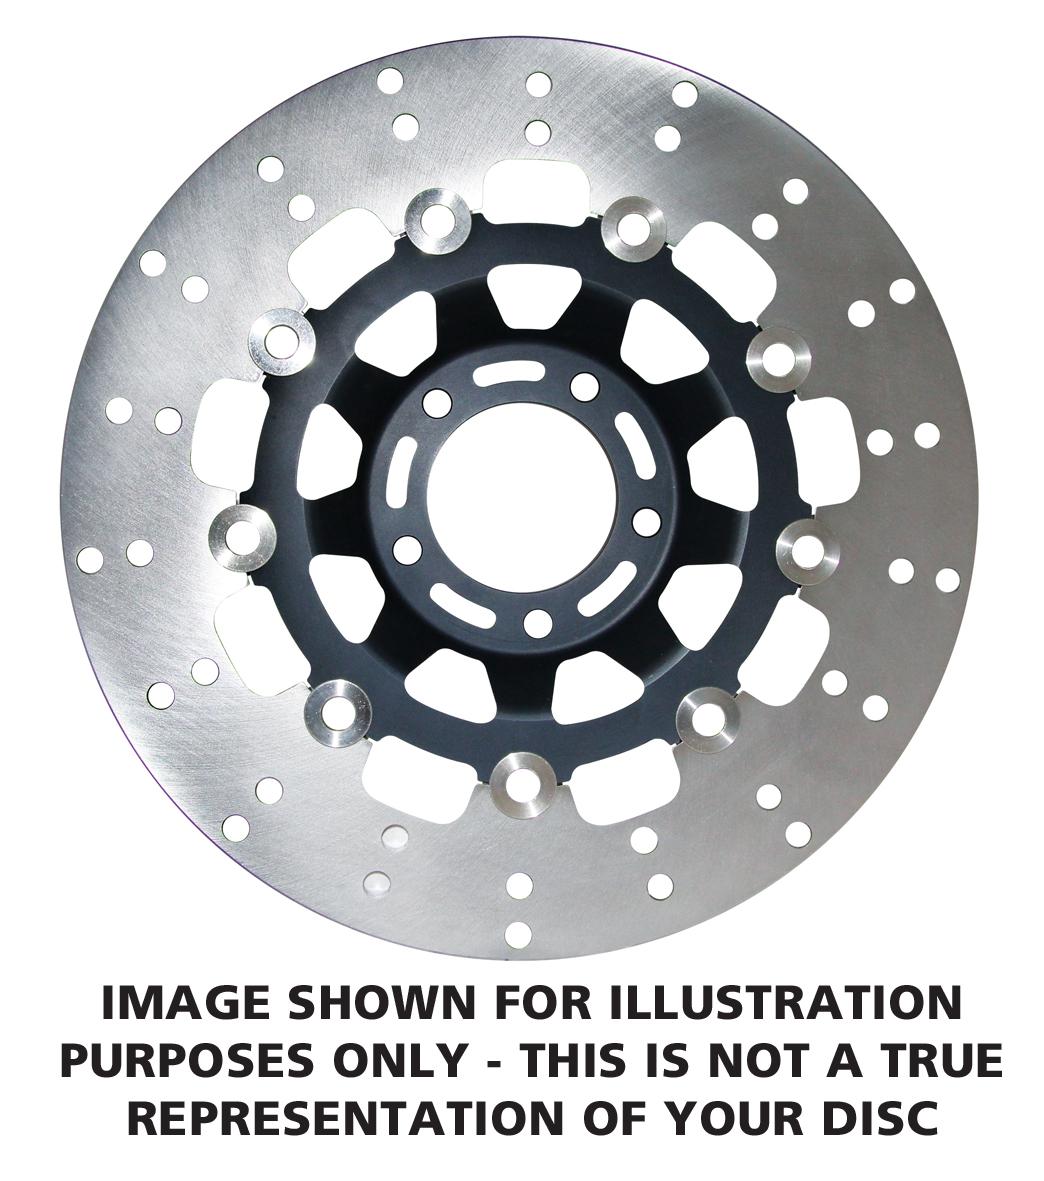 Vintage Style Brake Discs